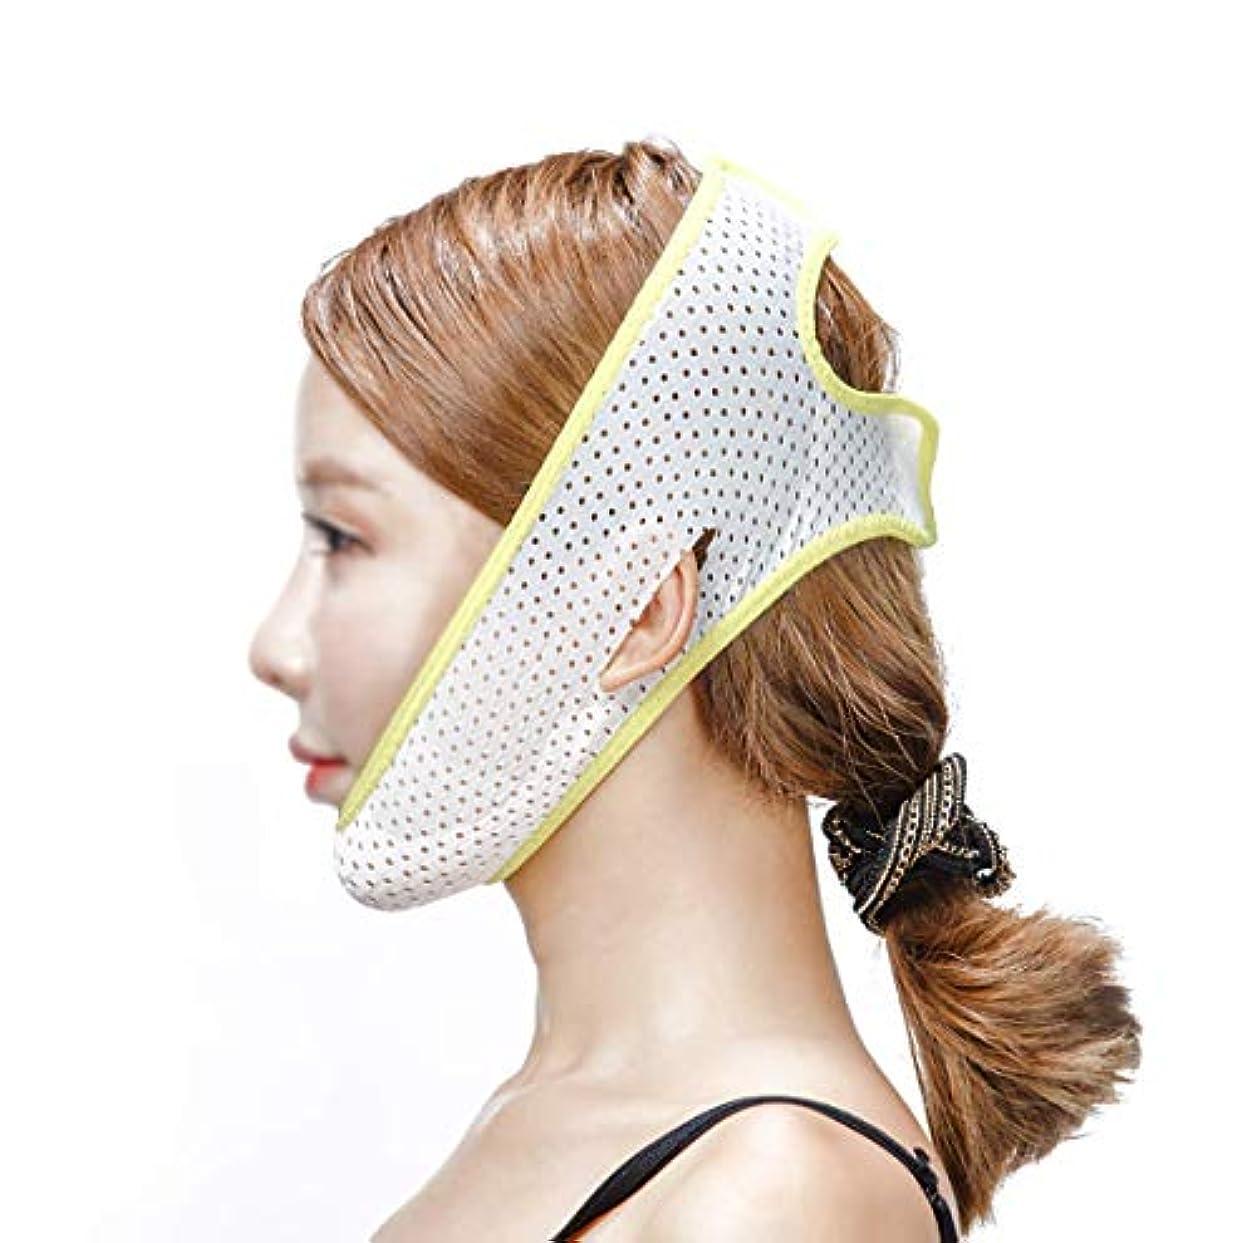 ビートヒューズ定義するフェイスリフトマスク、あごストラップ回復包帯睡眠薄いフェイス包帯薄いフェイスマスクフェイスリフトアーチファクトフェイスリフトで小さなV顔を強化する美容マスク包帯(色:黄色と白)